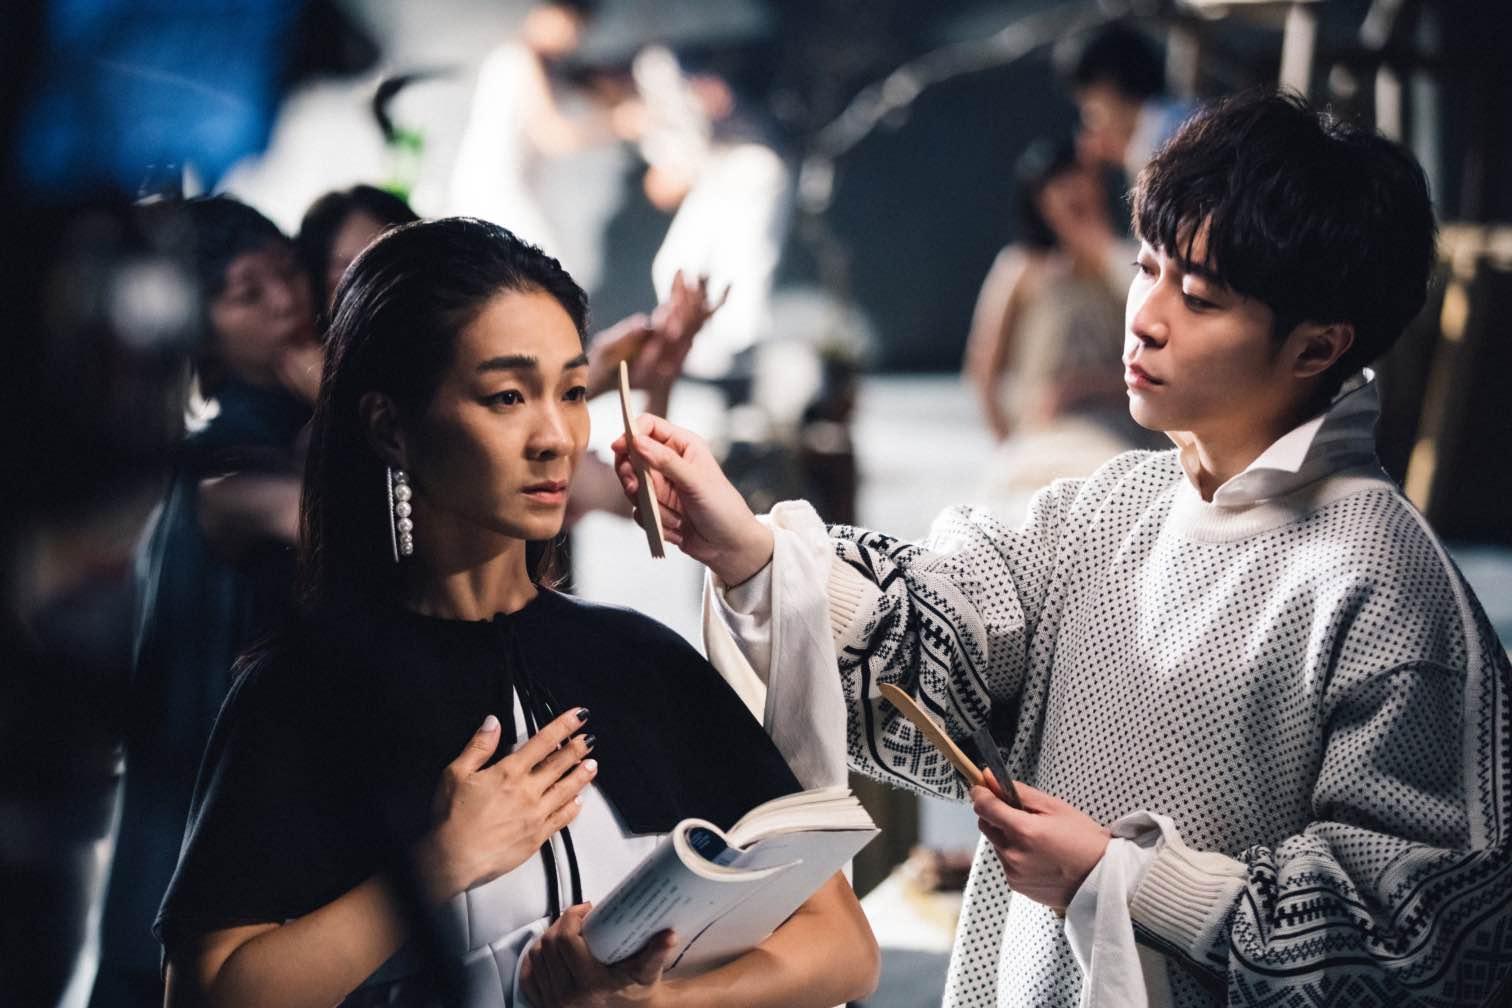 吴青峰全新单曲《最难的是相遇》9/16上线    最新个人演唱会早鸟票预售圆满结束